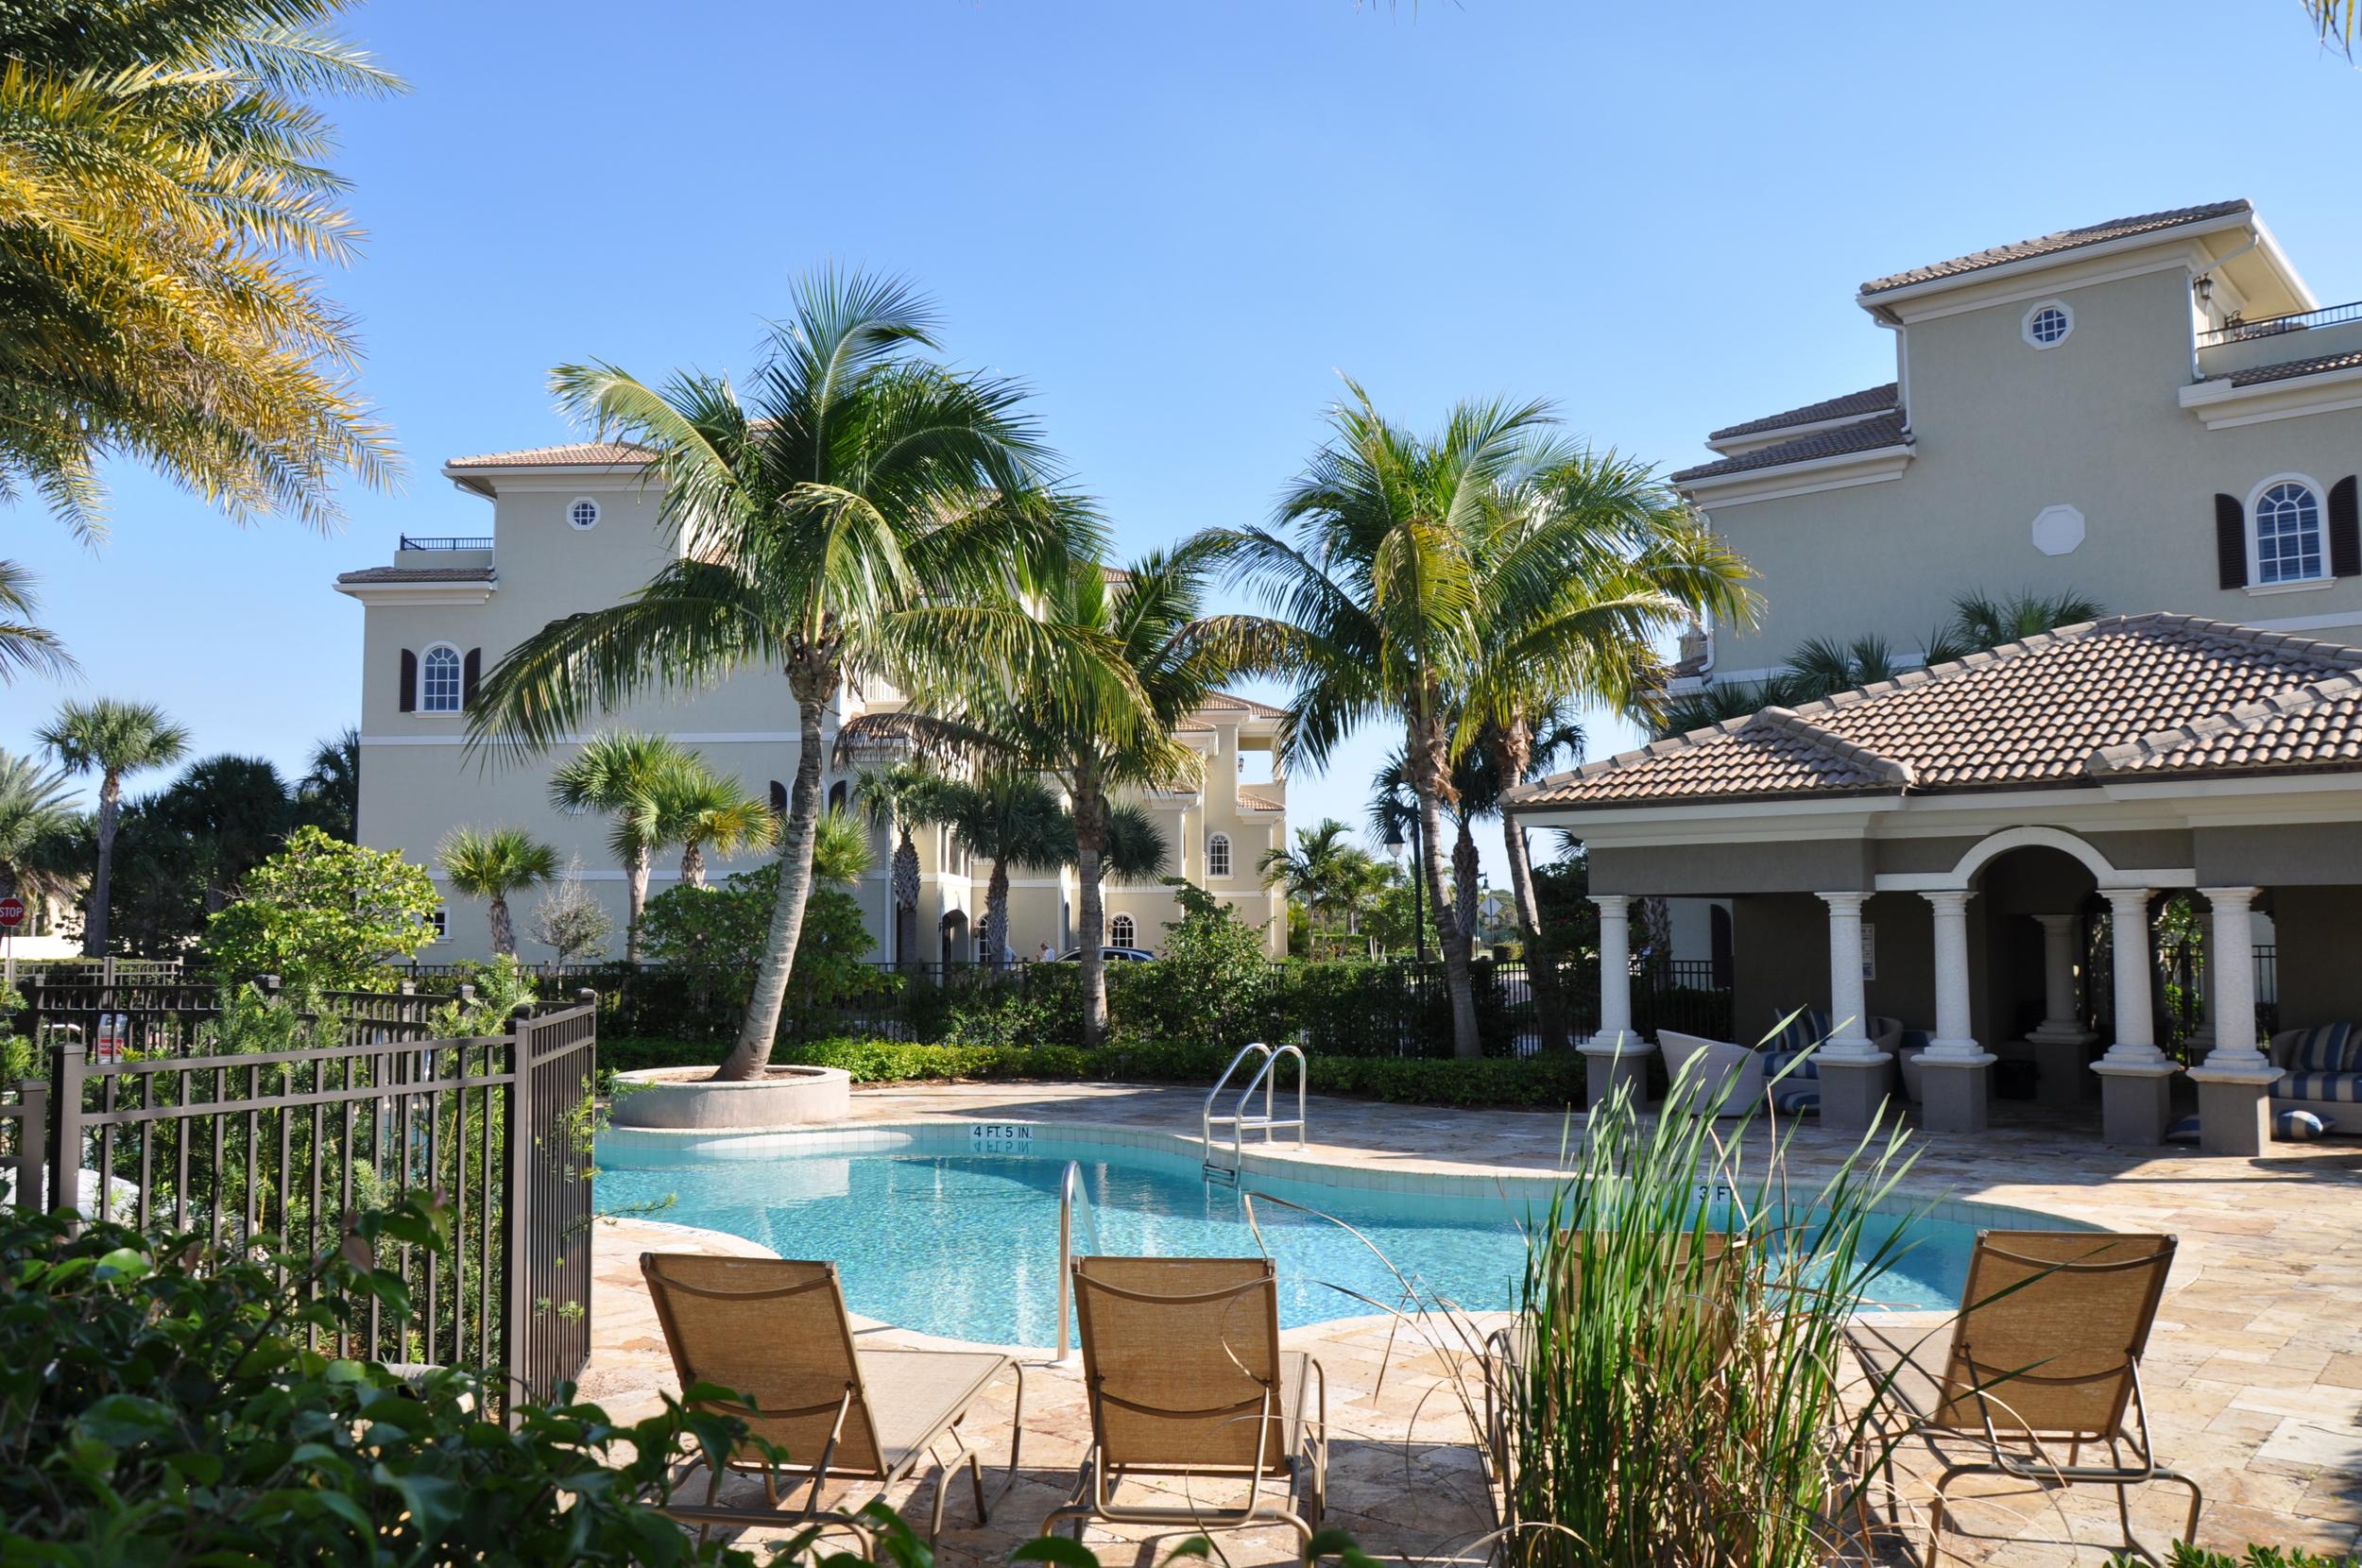 Tierra Del Sol Jupiter Florida Community Pool.JPG